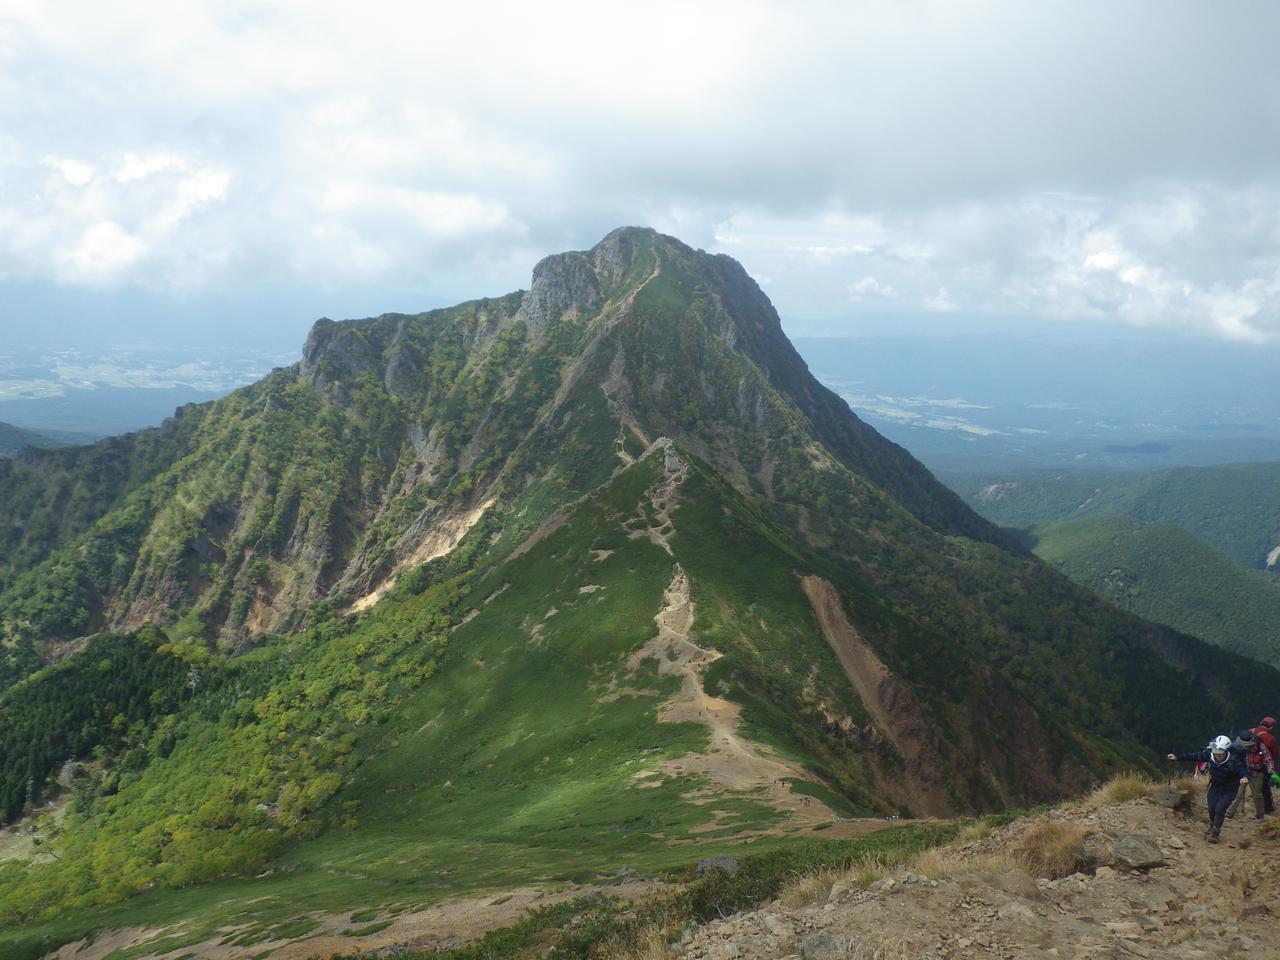 画像: 【日本百名山】八ヶ岳(赤岳)登山の初心者向けコース&おすすめ装備品リスト - ハピキャン|キャンプ・アウトドア情報メディア